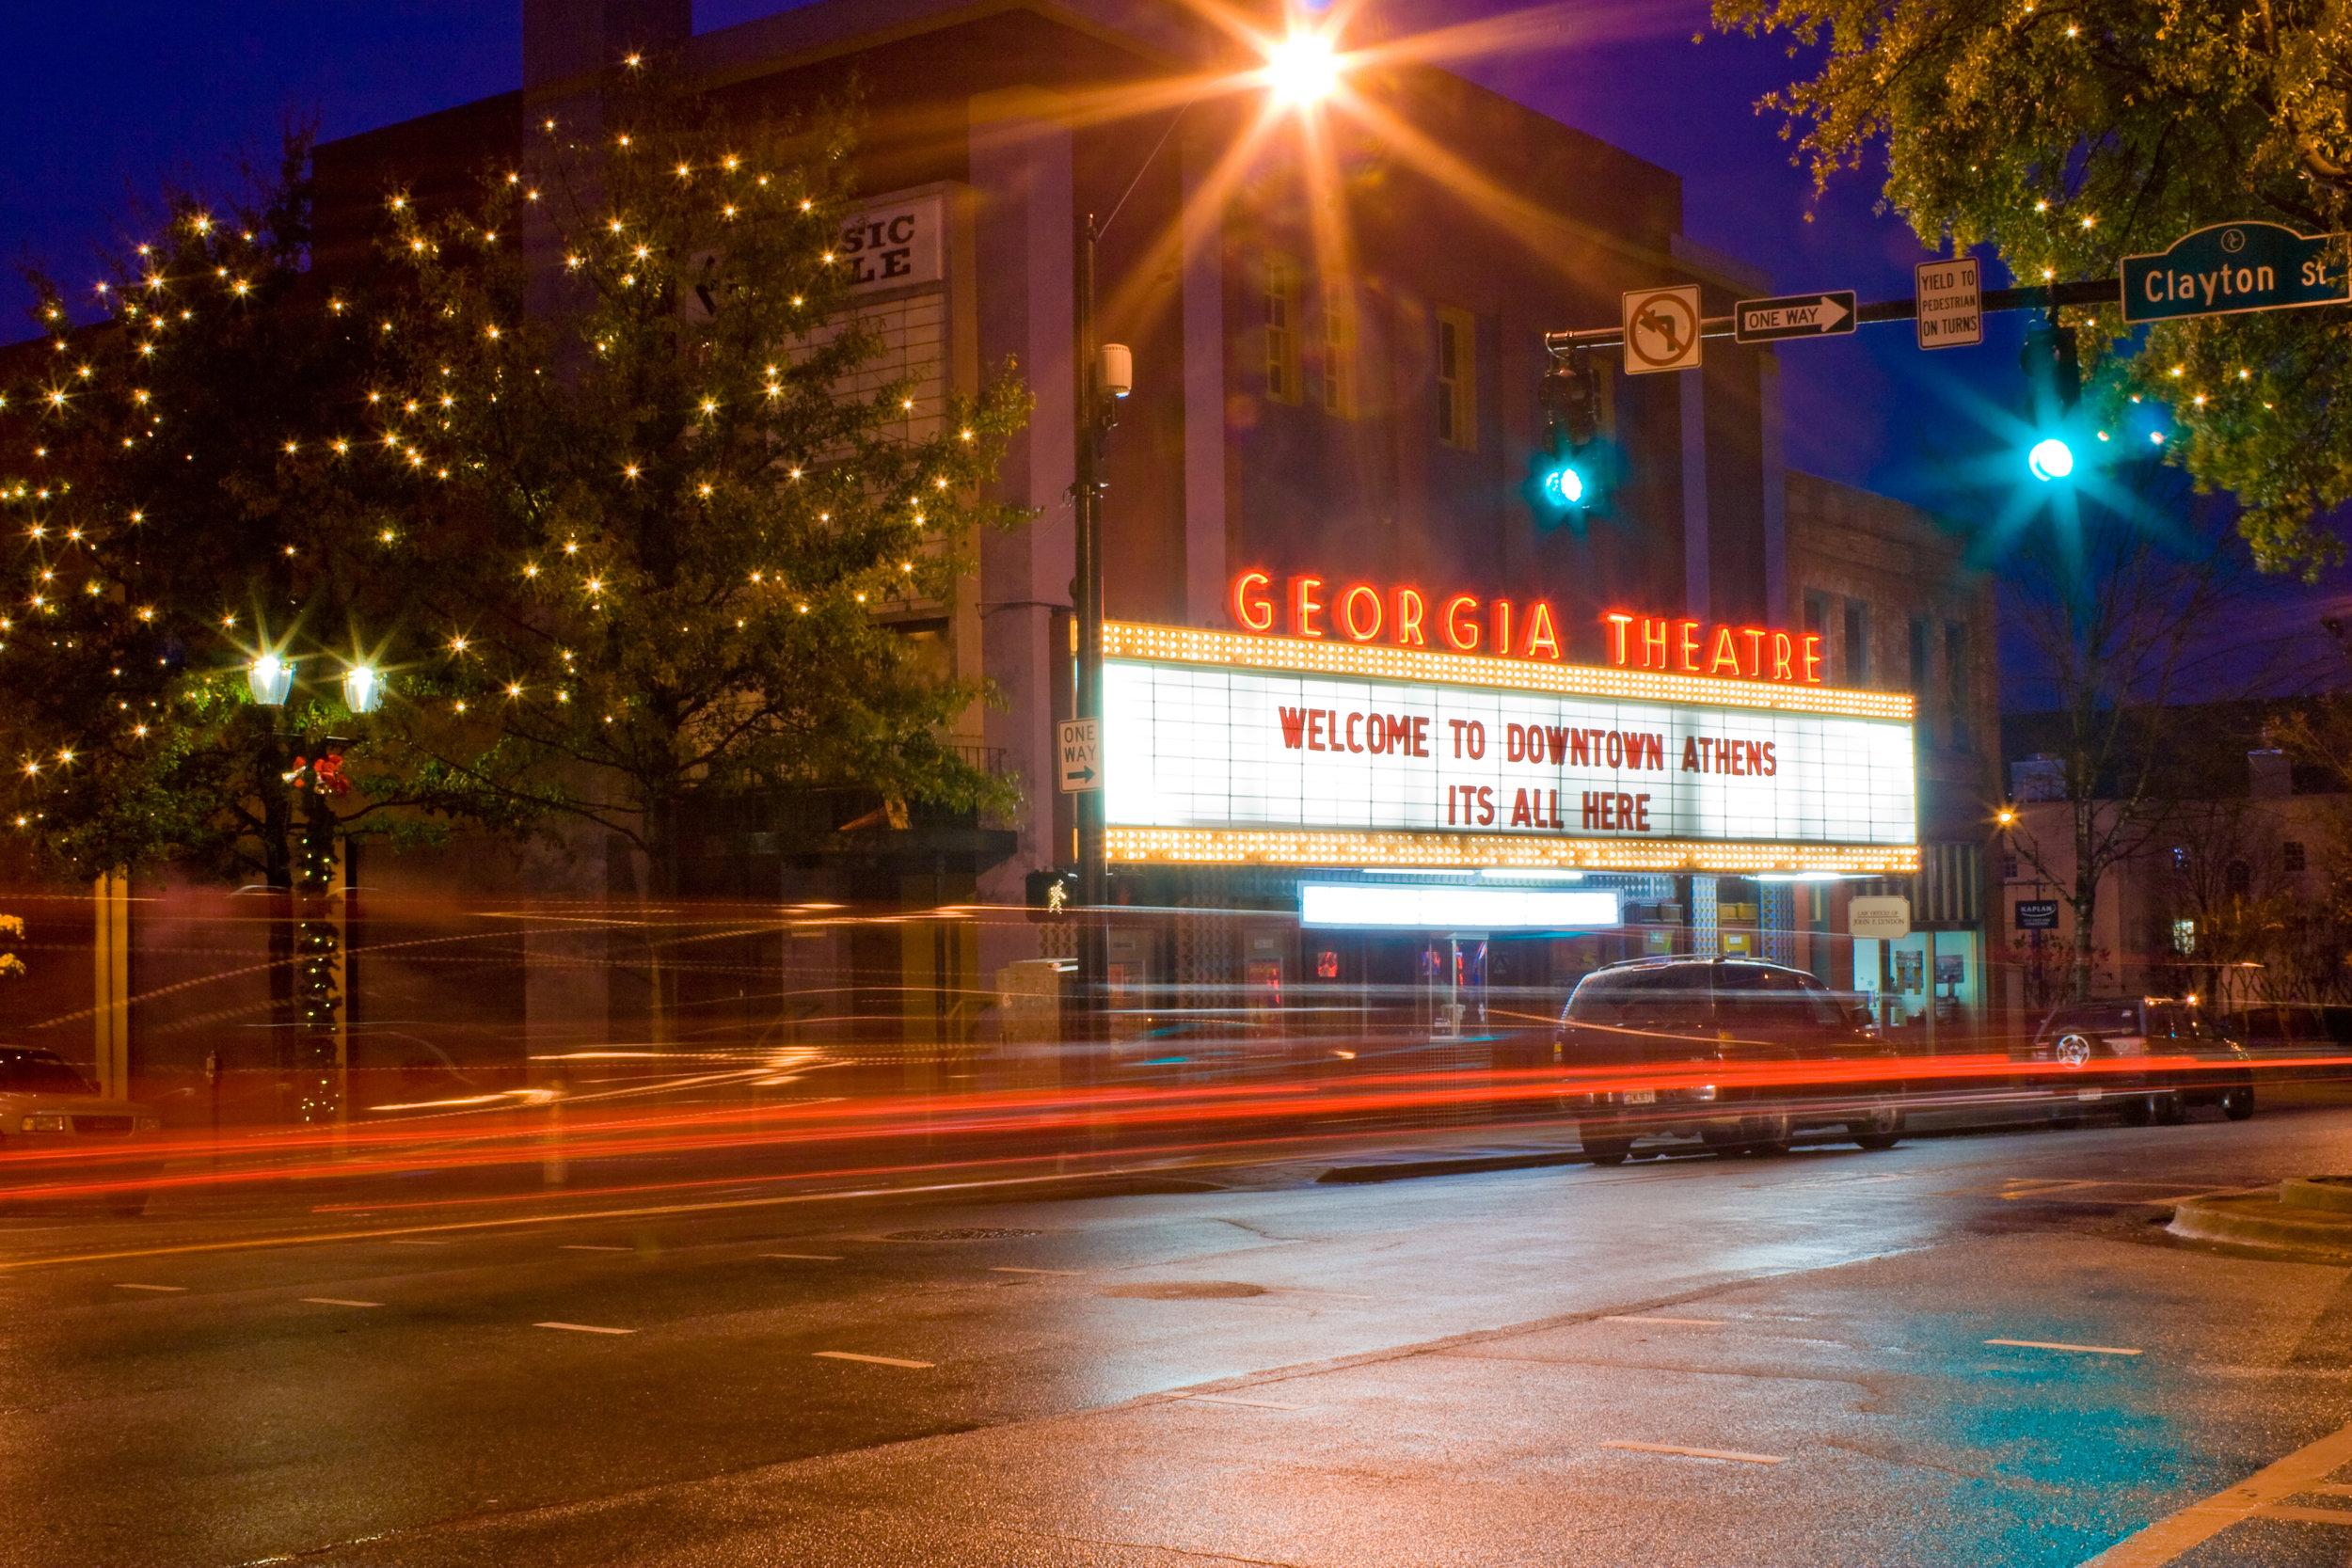 ga-theatre-downtown-marquee-lights_ccacc444-f0ae-5102-065ba8fcd314e9d8-2.jpg